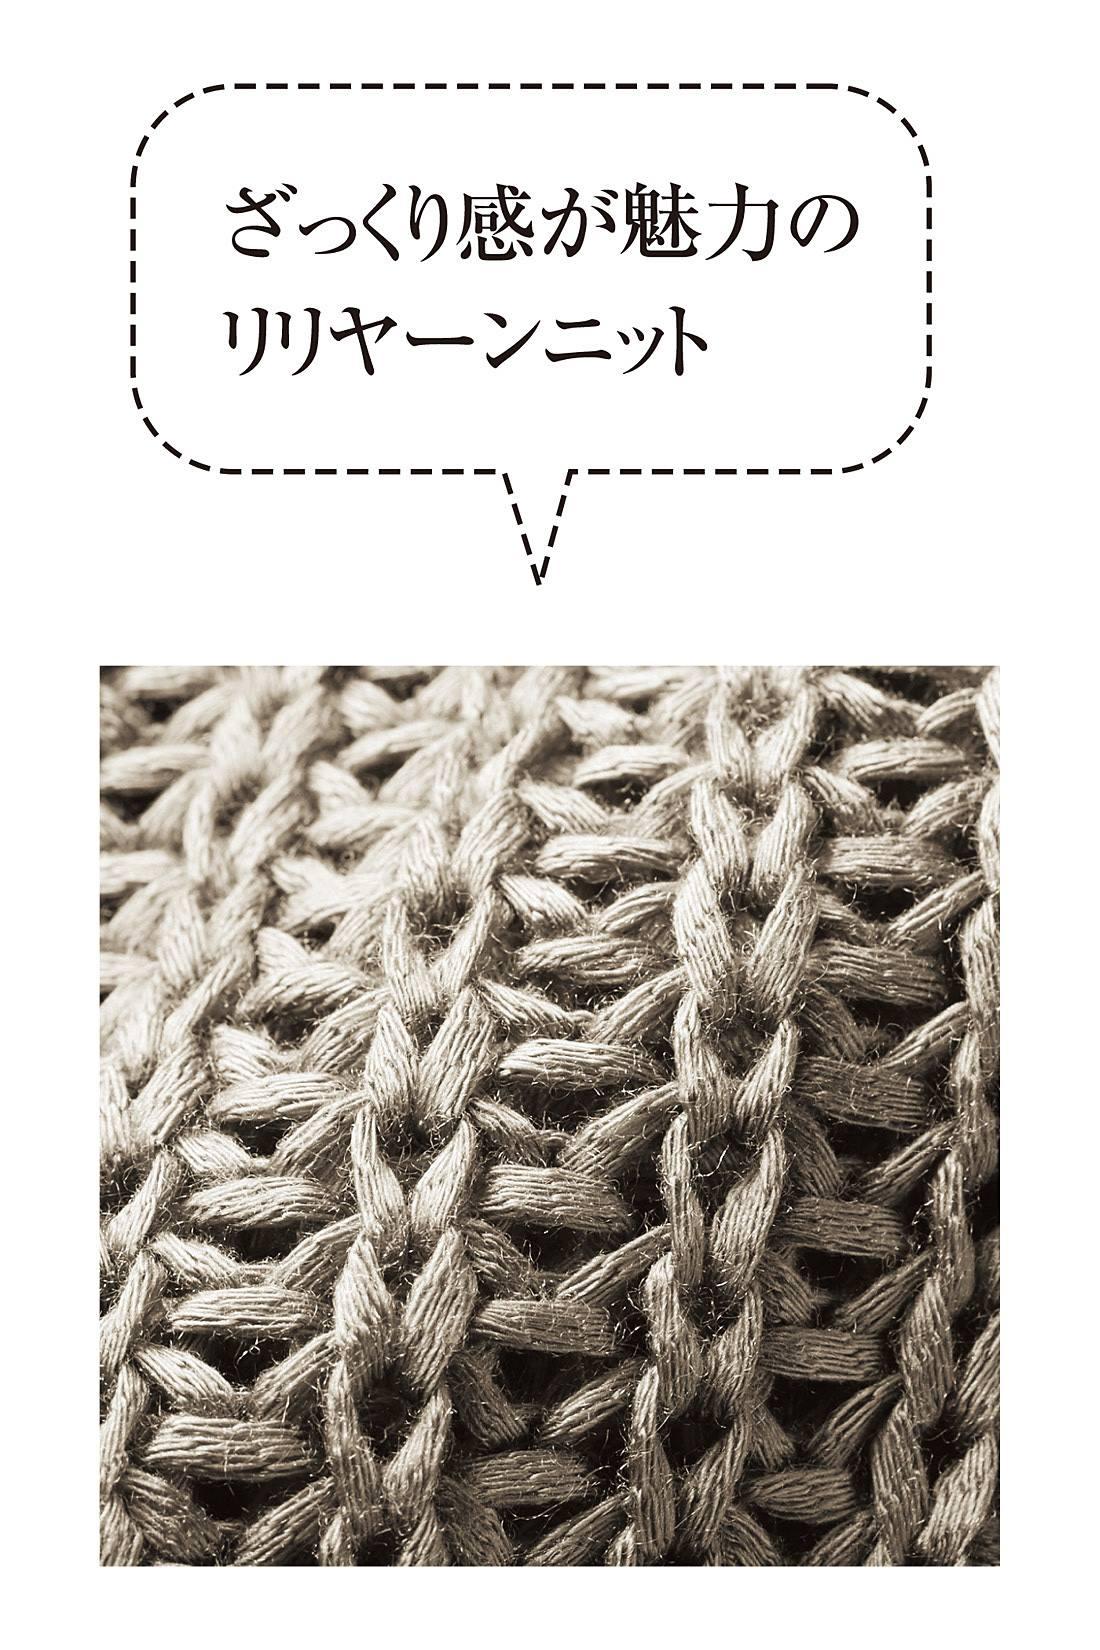 細い糸をらせん状に編んで作った特殊な糸リリヤーンを使用。糸の中が空洞になるため、厚みはあるのにやわらかくて軽い着心地が楽しめます。艶のある糸による自然な光沢感がいつもの着こなしをアップデートしてくれそう。